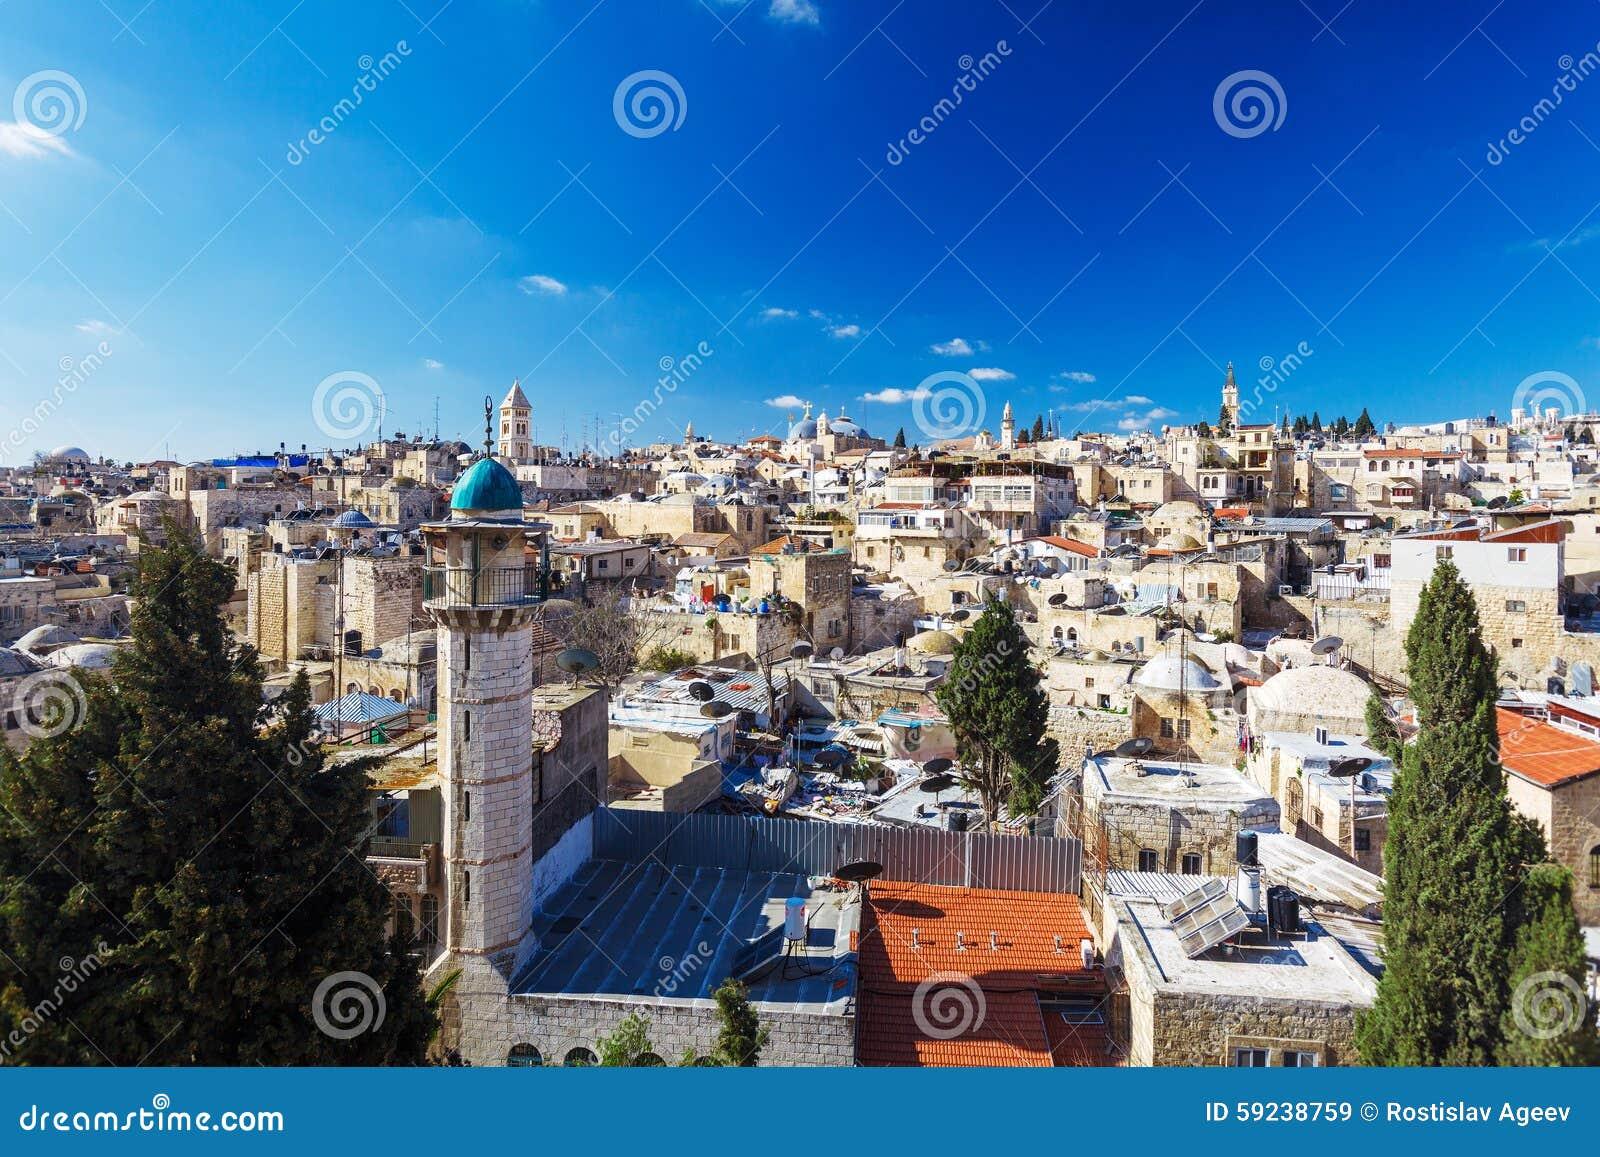 Tejados de la ciudad vieja con la bóveda de la iglesia de Santo Sepulcro, Jerusalén